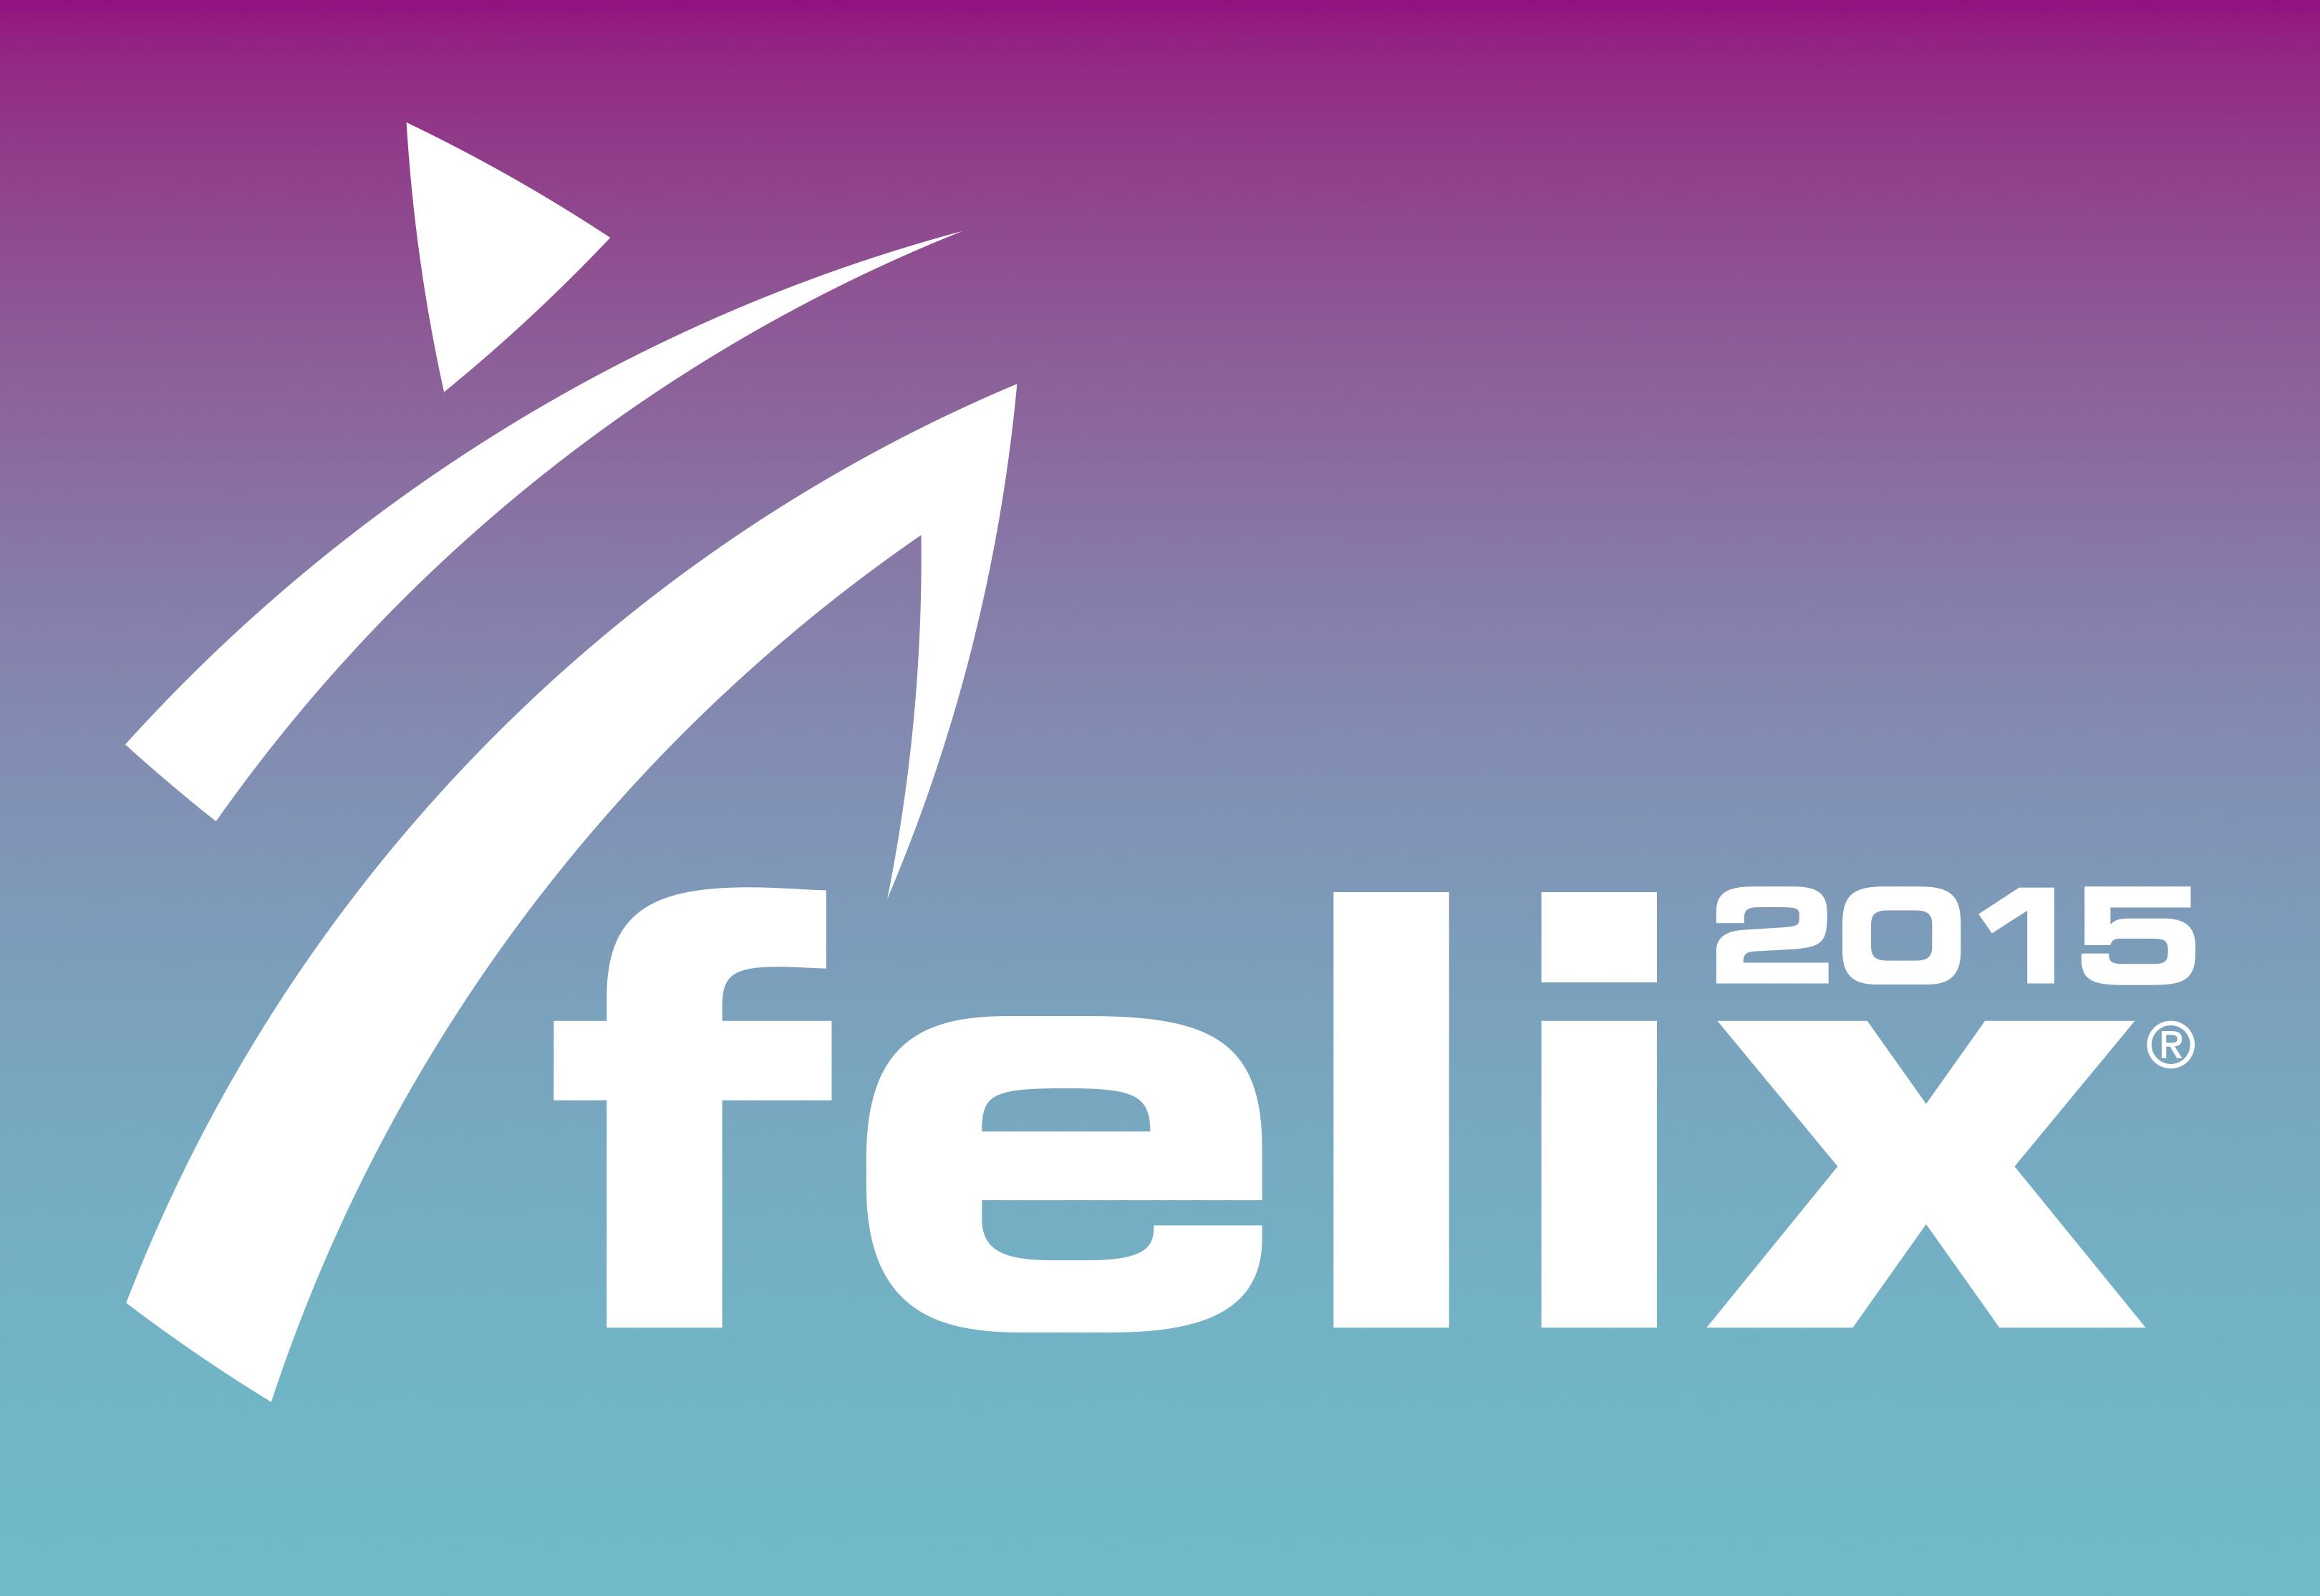 LSB Felix2013 RZ 2c Goldblau Mit Unterzeile